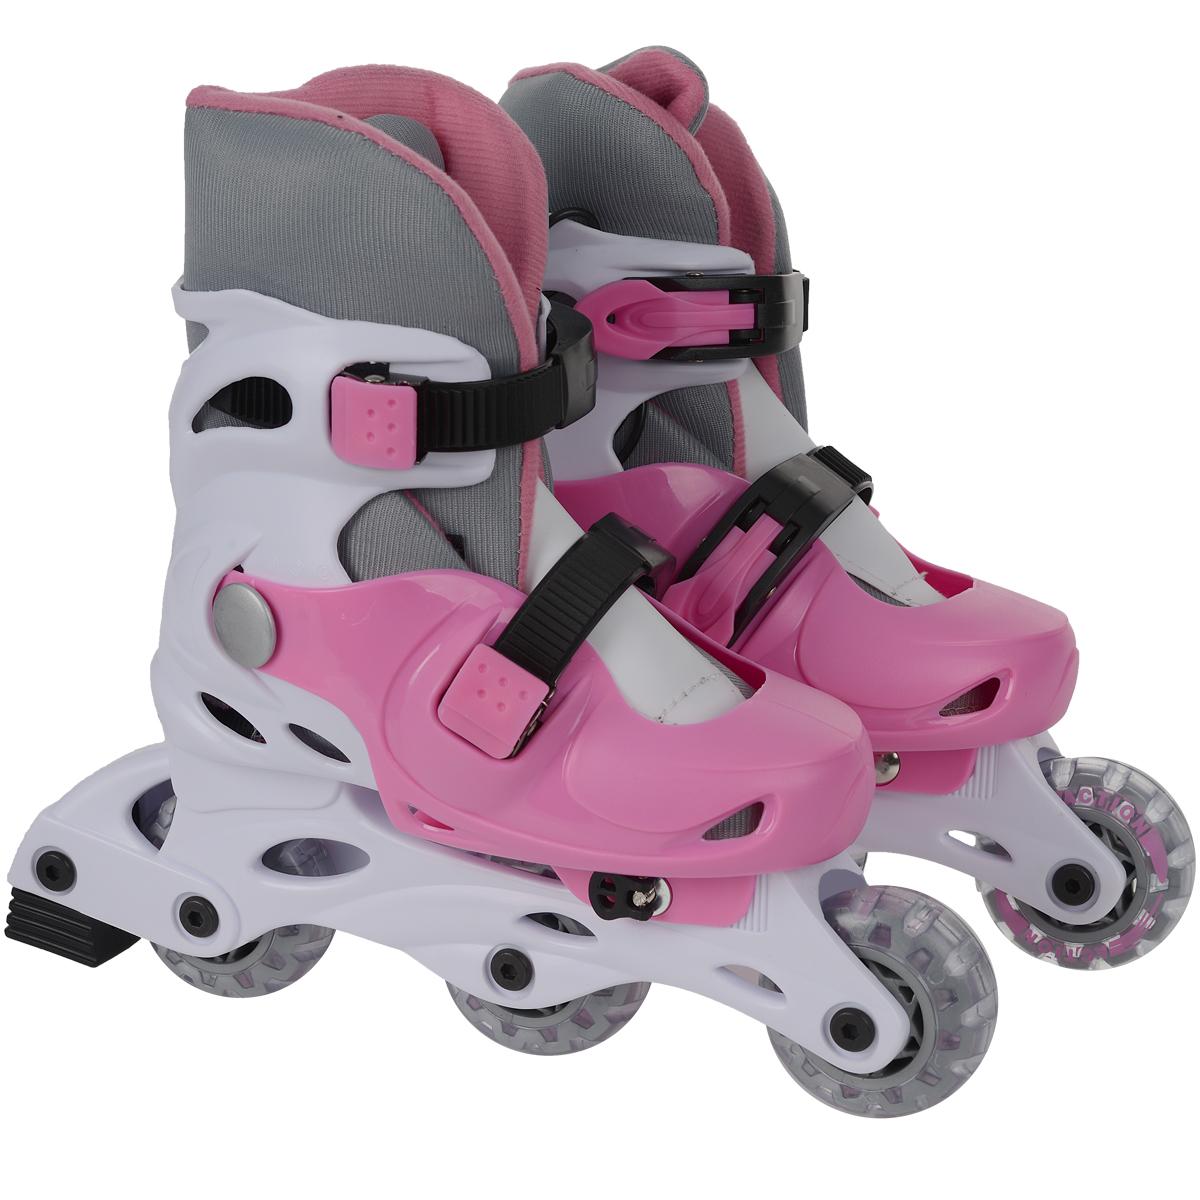 Коньки роликовые Action, раздвижные, цвет: белый, розовый. PW-120. Размер 31/34PW-120_1Раздвижные коньки Action - это роликовые коньки любительского класса для детей и постоянно растущих подростков, предназначены для занятий спортом и активного отдыха. Коньки имеют пластиковый ботинок с раздвижным механизмом, что обеспечивает хорошую посадку и пластичность, а для еще более комфортного катания ботинки коньков оснащены двумя клипсами с фиксаторами. Облегченная, анатомически облегающая конструкция обеспечивает улучшенную боковую поддержку и полный контроль над движением. Модель снабжена системой Parallel Wheels: возможность переставлять задние колеса в два ряда для большей устойчивости. Второе колесо с конца можно снять и разместить на оси параллельно с последним колесом. Для перестановки колес в комплект входит необходимый набор осей и ключ-шестигранник. Рама изготовлена из пластика, а колеса из полиуретана с 608Z. Диаметр колес 64 мм. Жесткость колеса: 82А. Тип фиксации: две клипсы с фиксаторами. Максимальный вес пользователя: 40 кг. В каждой модели...